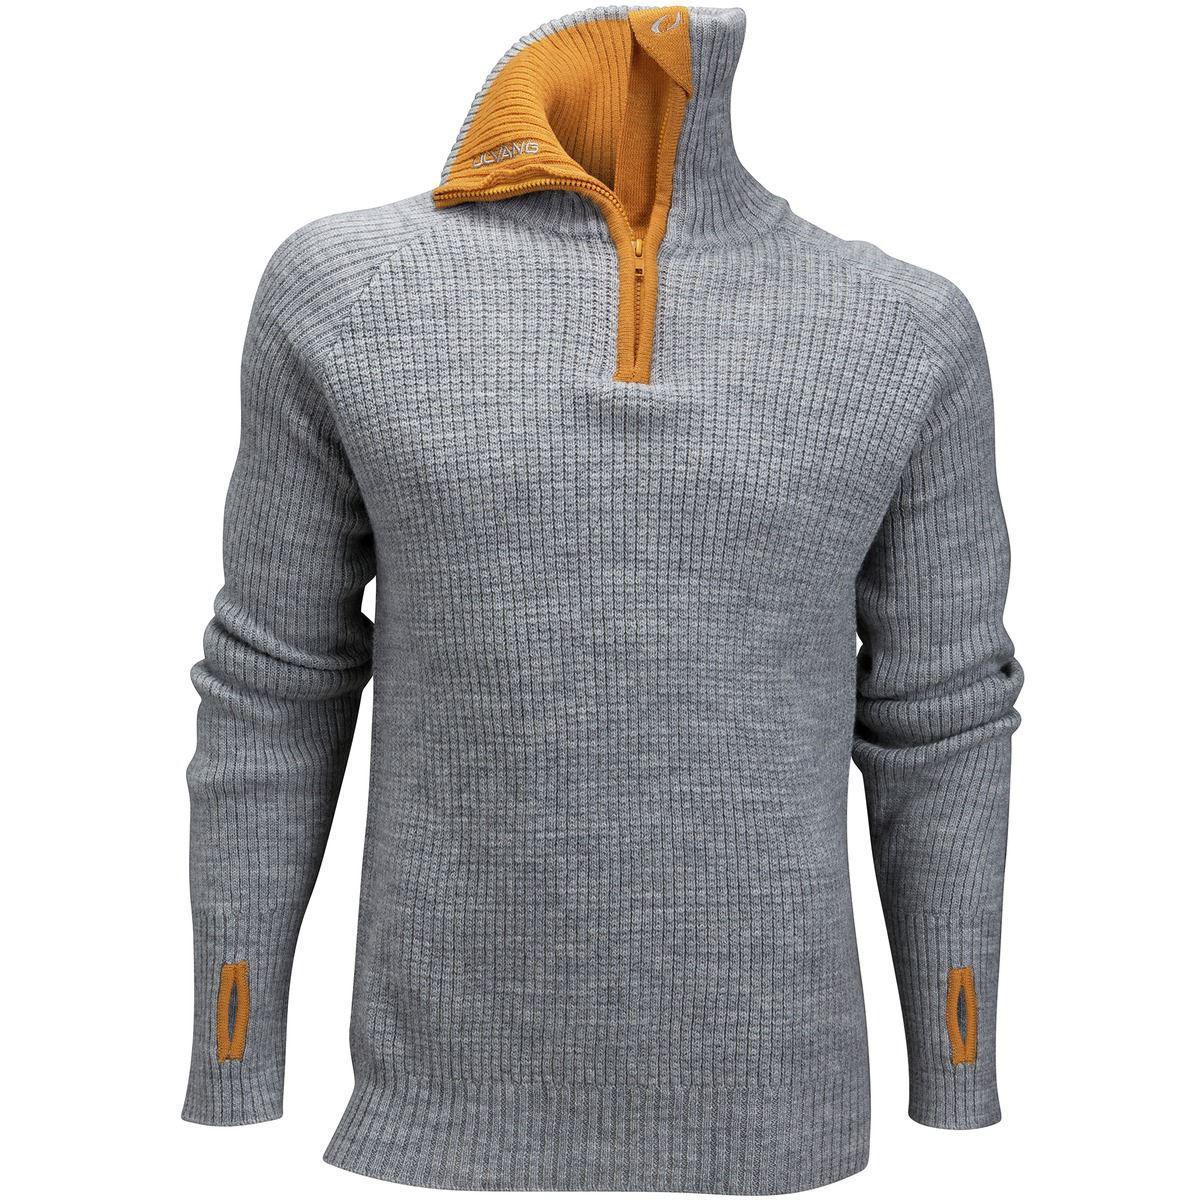 Bilde av Rav sweater w/zip